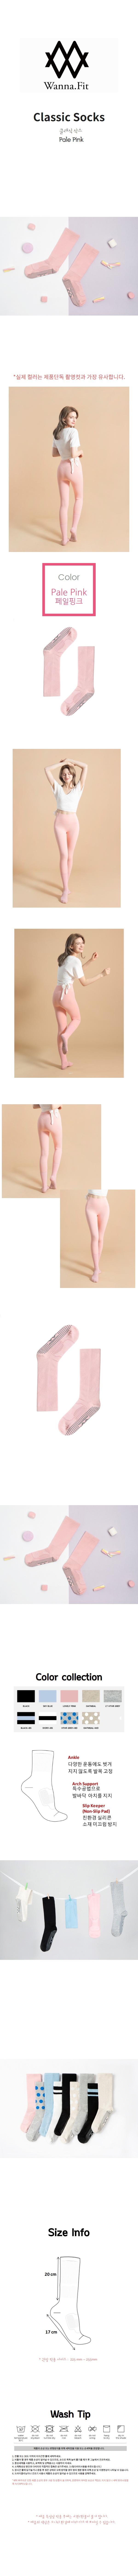 워너핏(WANNAFIT) 클래식삭스 - 필라테스 / 요가 삭스 Pink